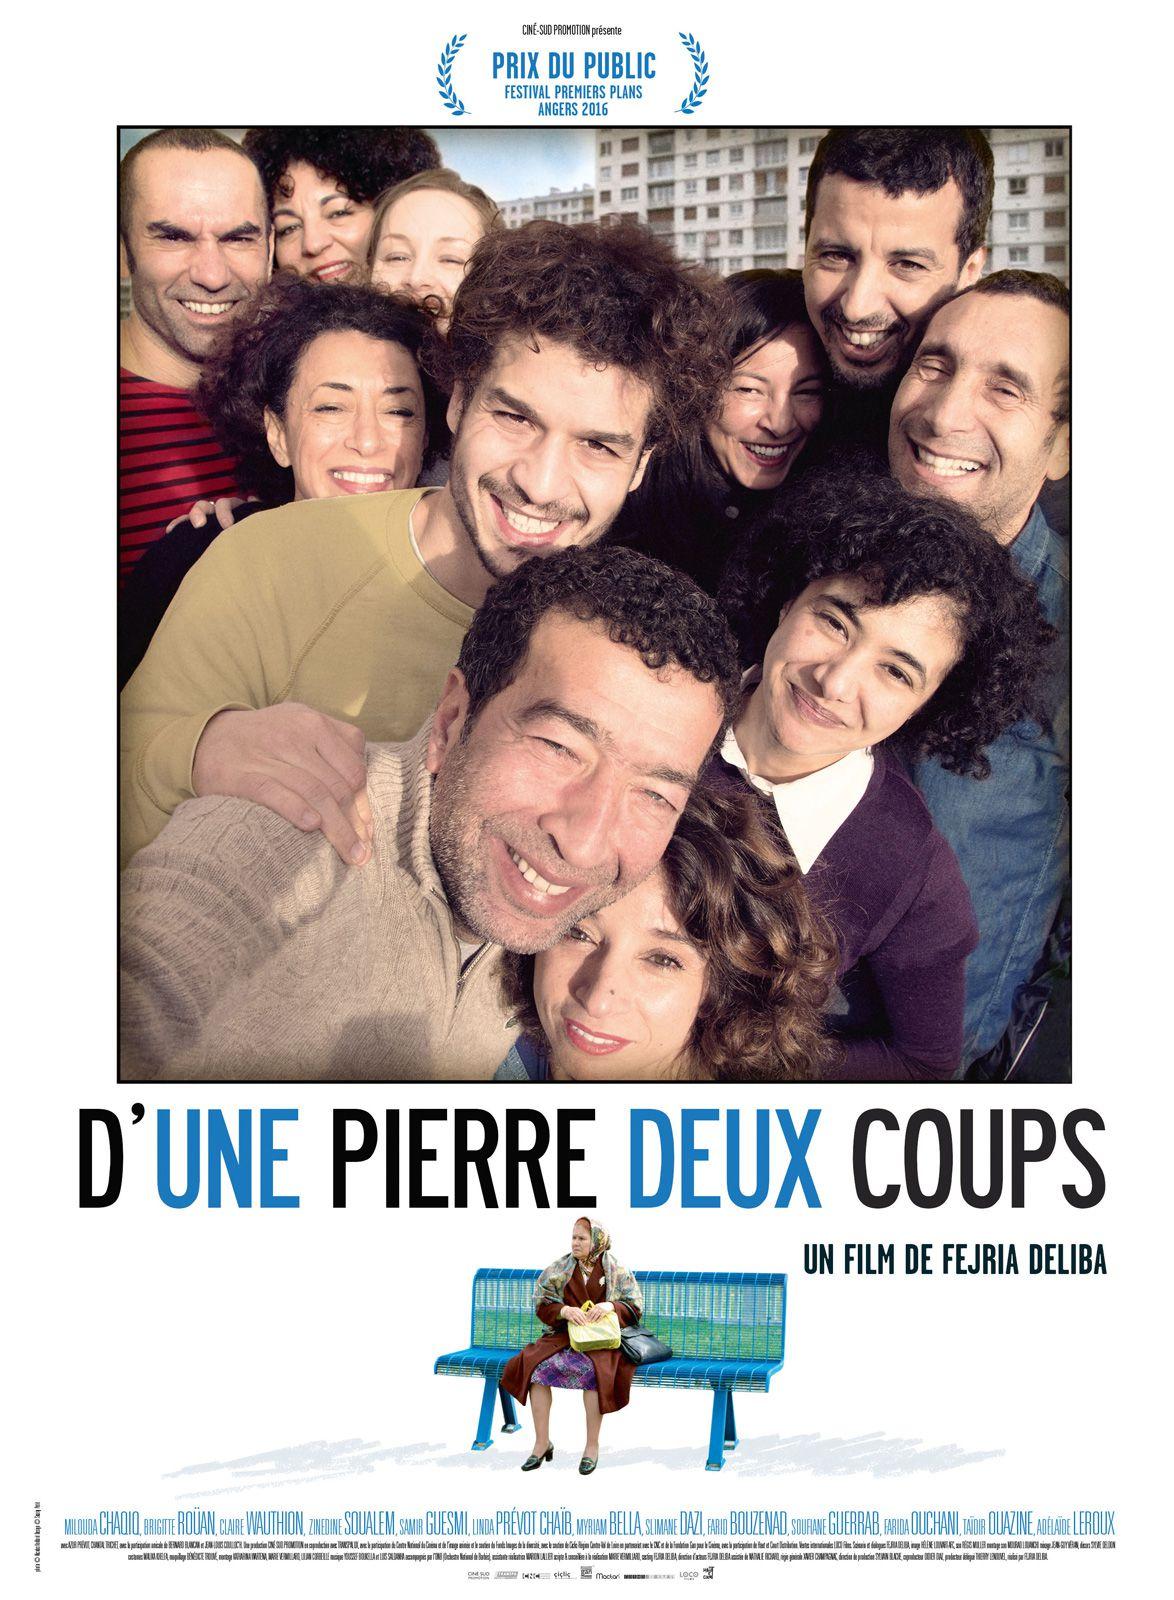 D'une pierre deux coups - Film (2016)